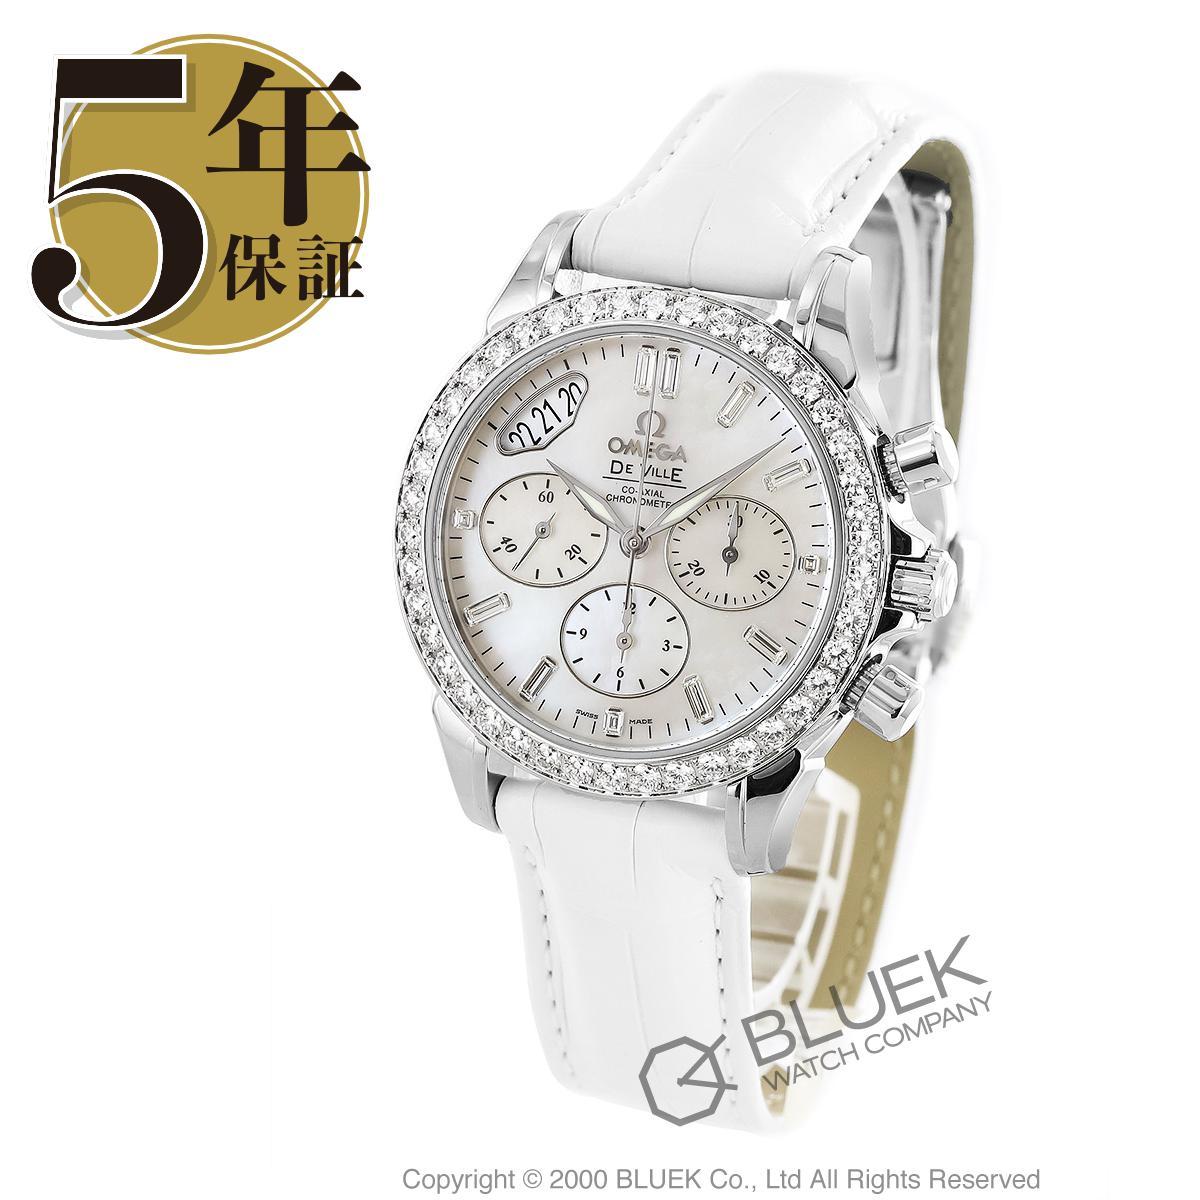 オメガ デビル コーアクシャル クロノグラフ ダイヤ WG金無垢 アリゲーターレザー 腕時計 レディース OMEGA 4679.75.36_5